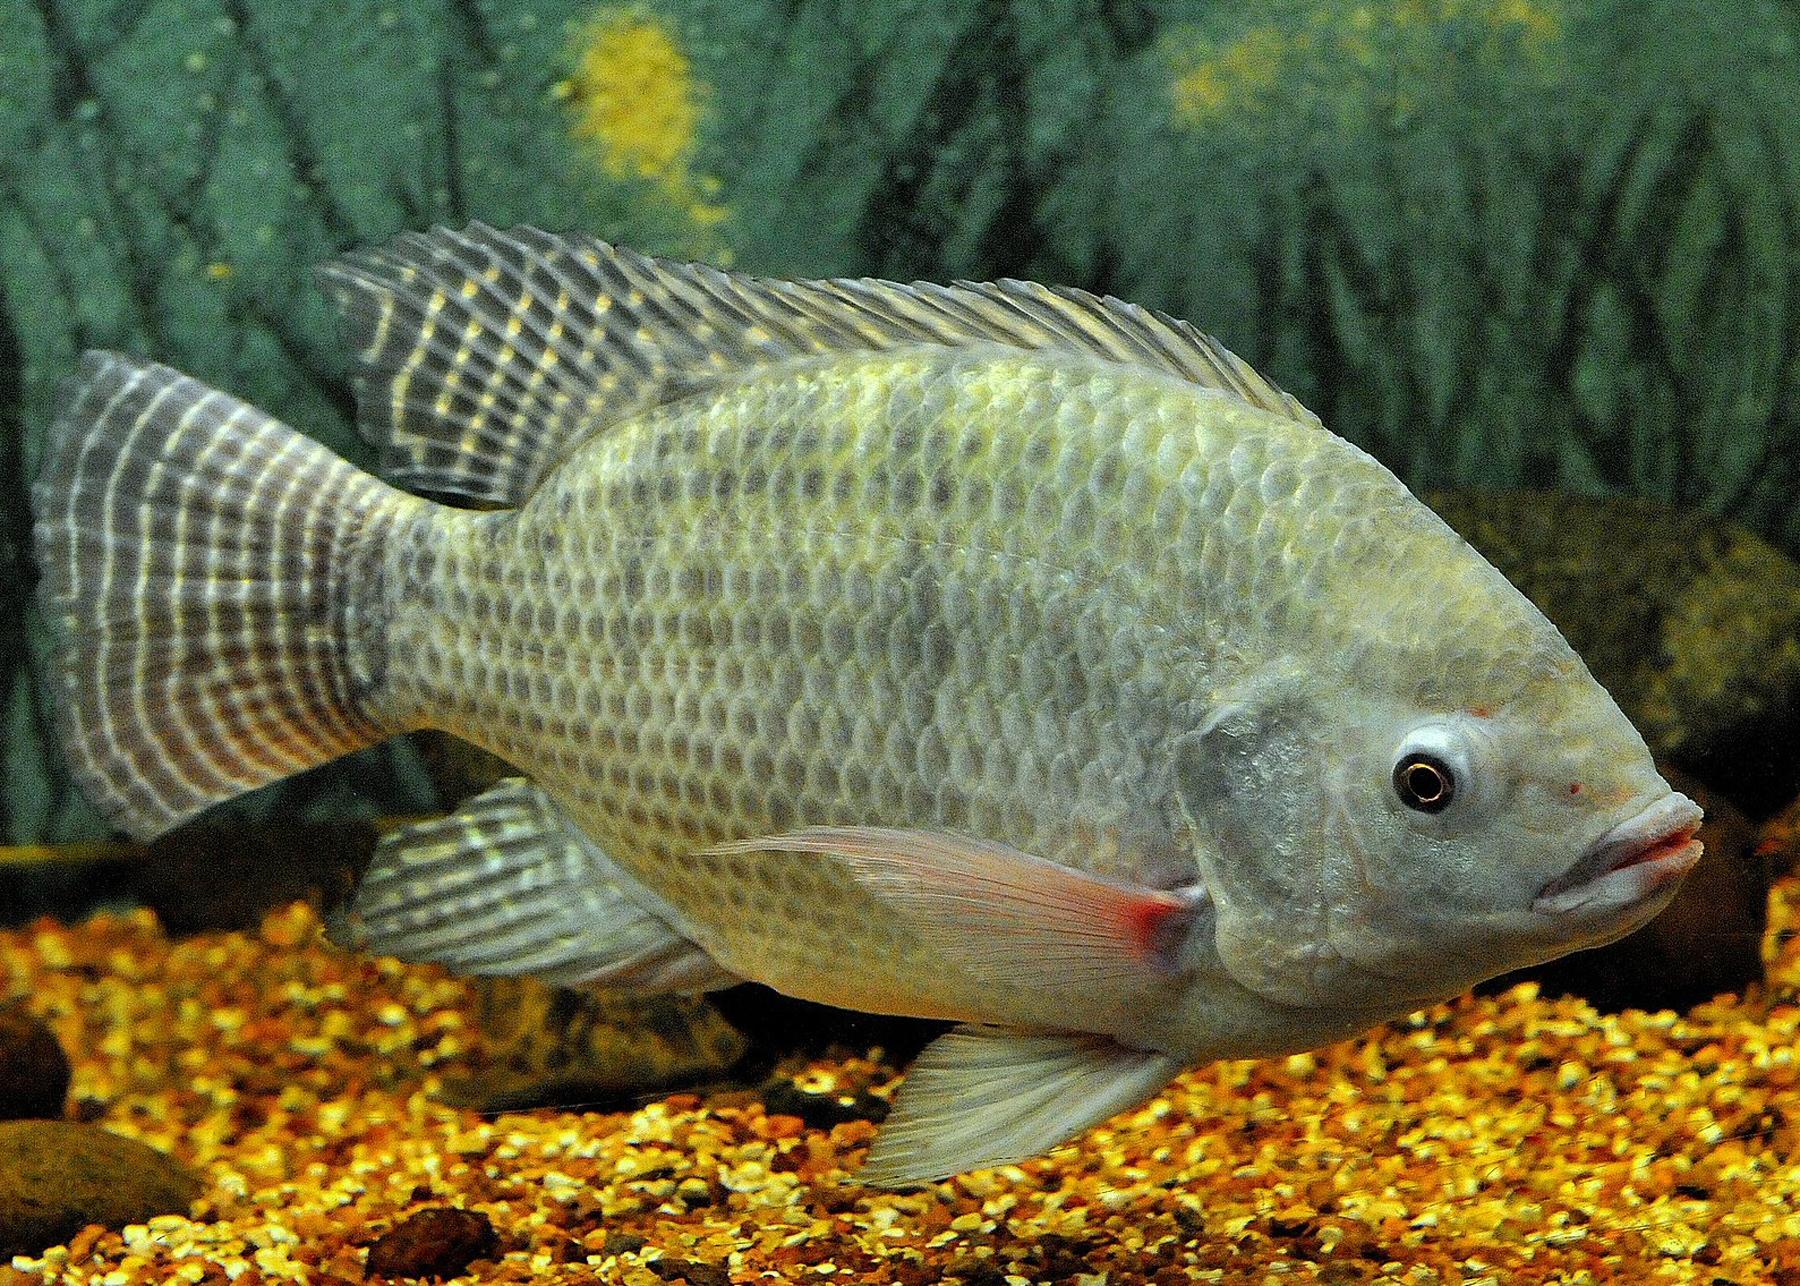 Nile tilapia - Wikipedia